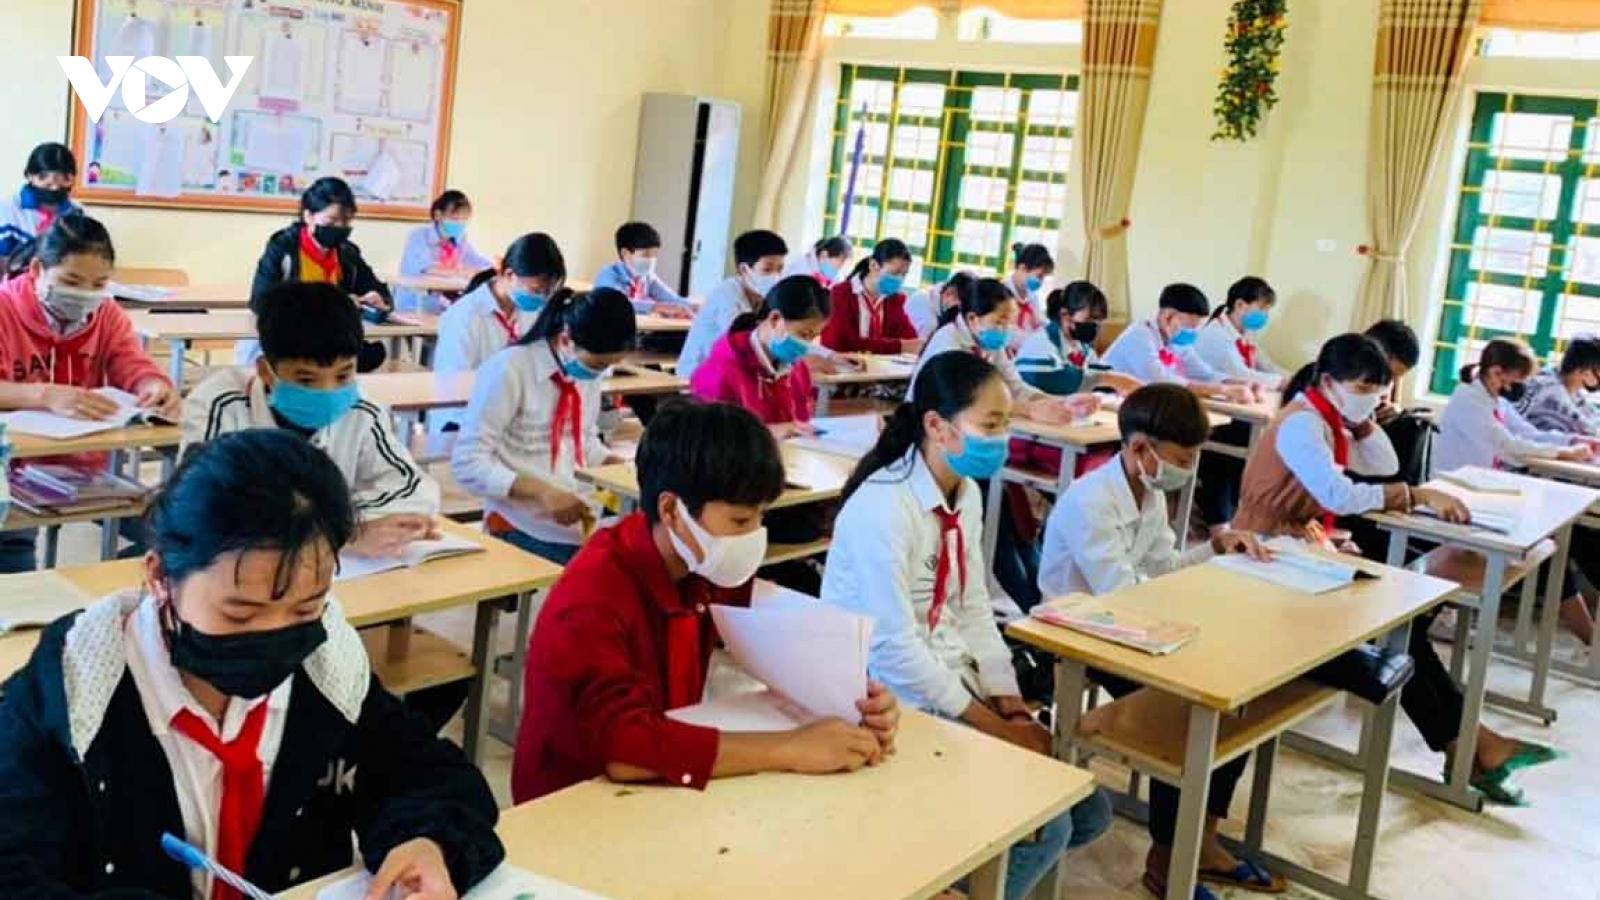 Hơn 17.500 học sinh tỉnh Lai Châu tiếp tục nghỉ học để phòng dịch